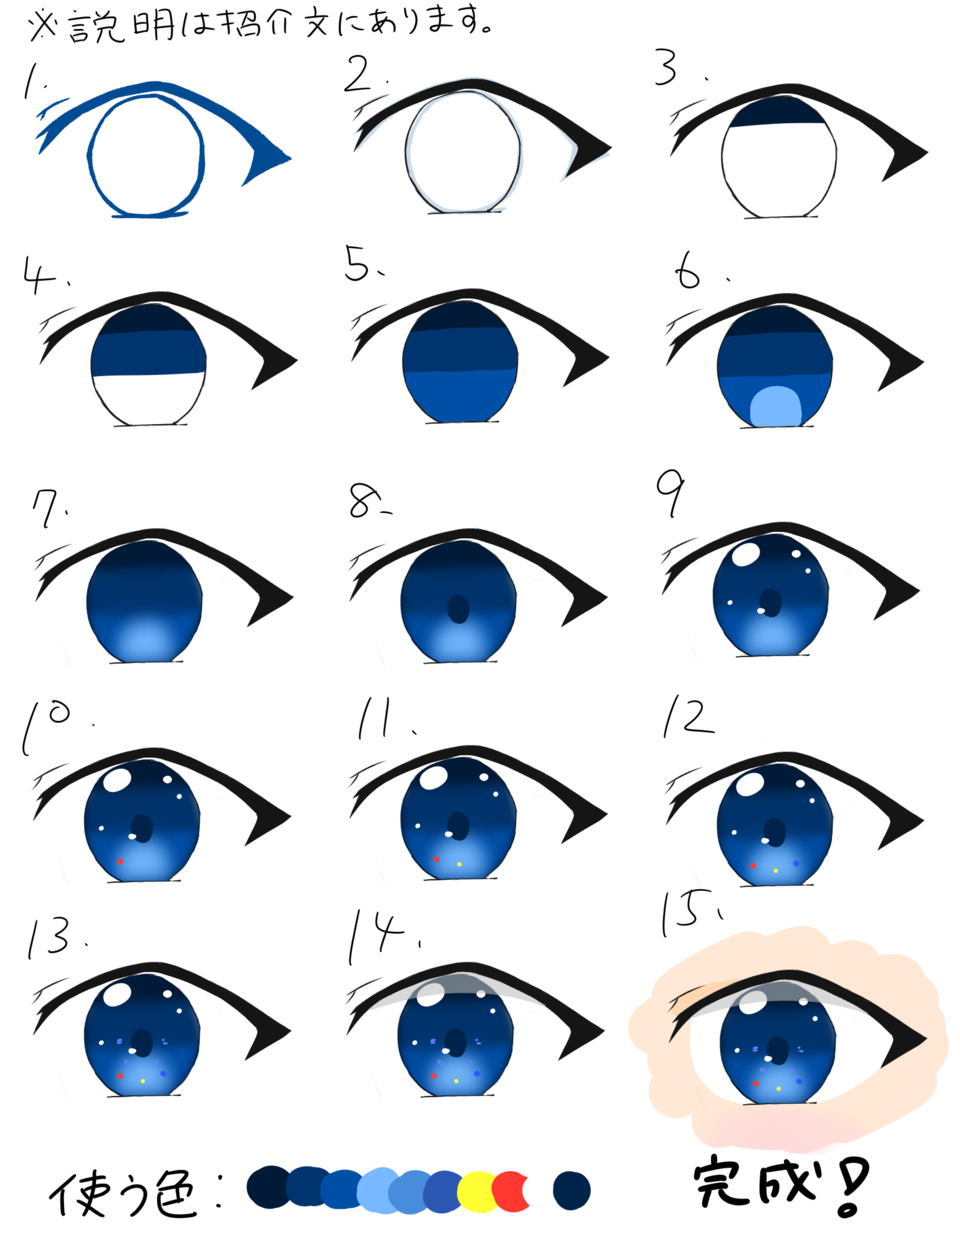 目のメイキング? Illust of 桜屋 華 The_Challengers medibangpaint tutorial